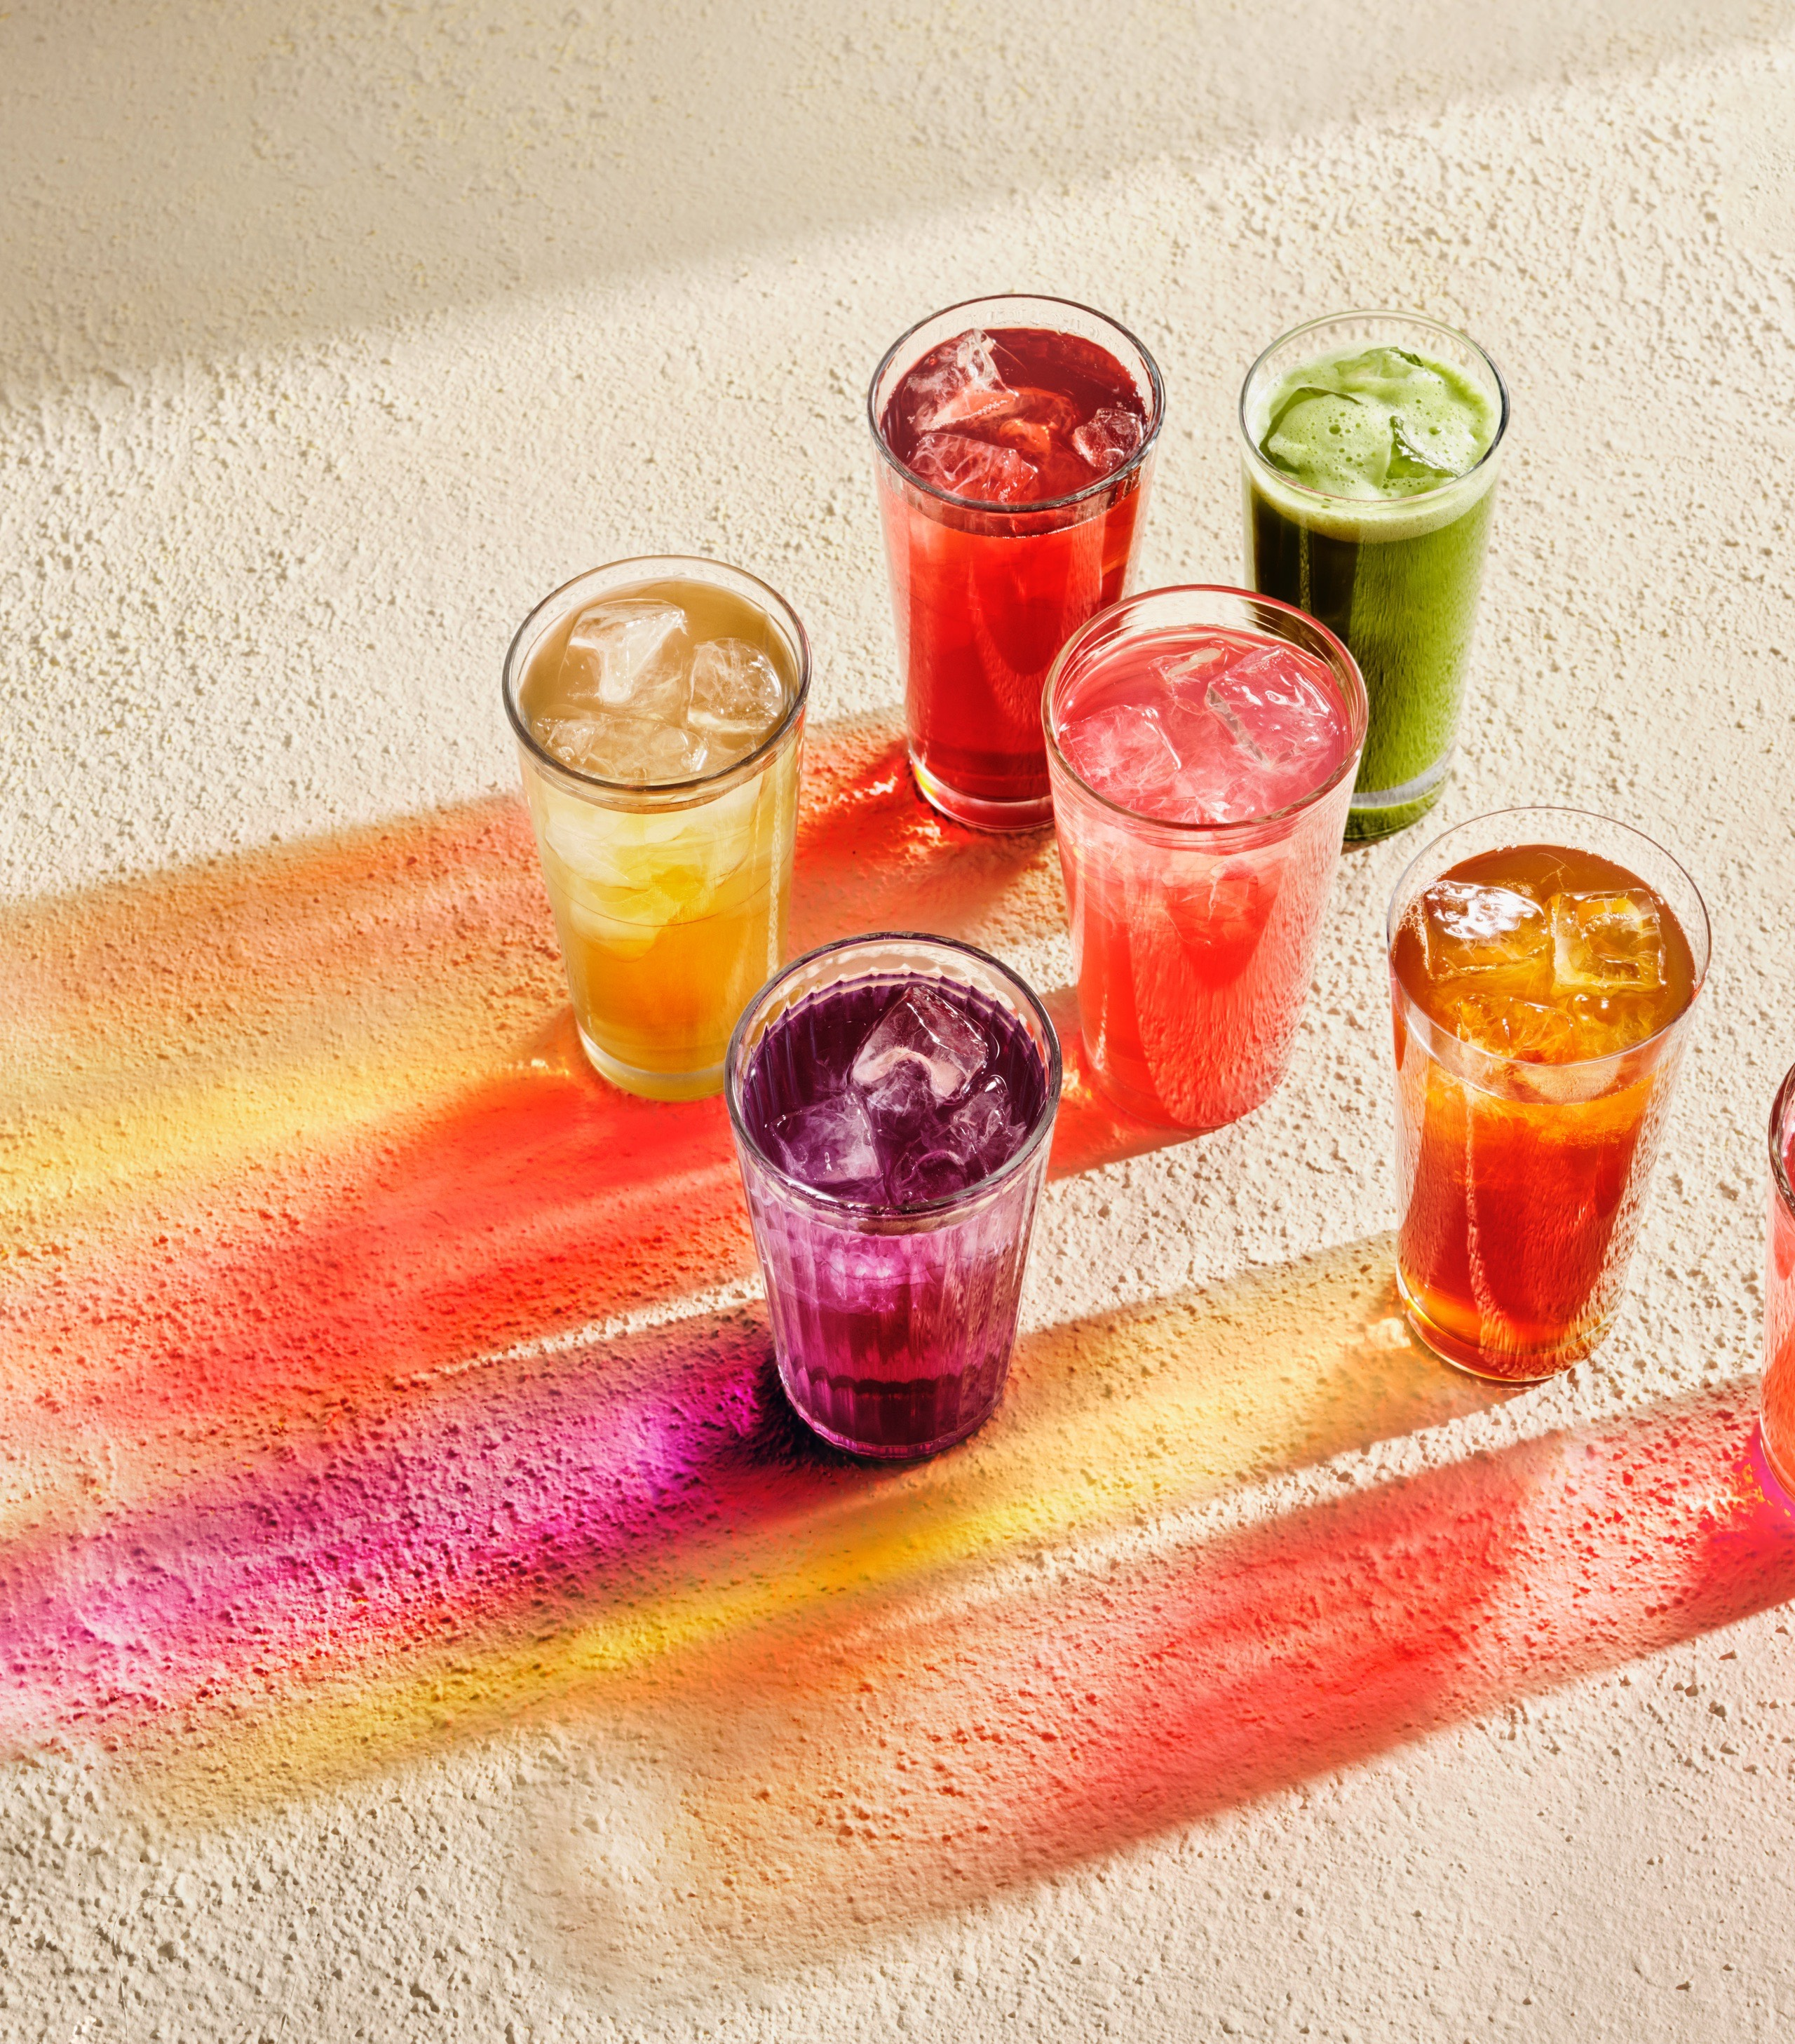 Sept verres remplis de thés glacés laissant percevoir leurs ombres colorées.